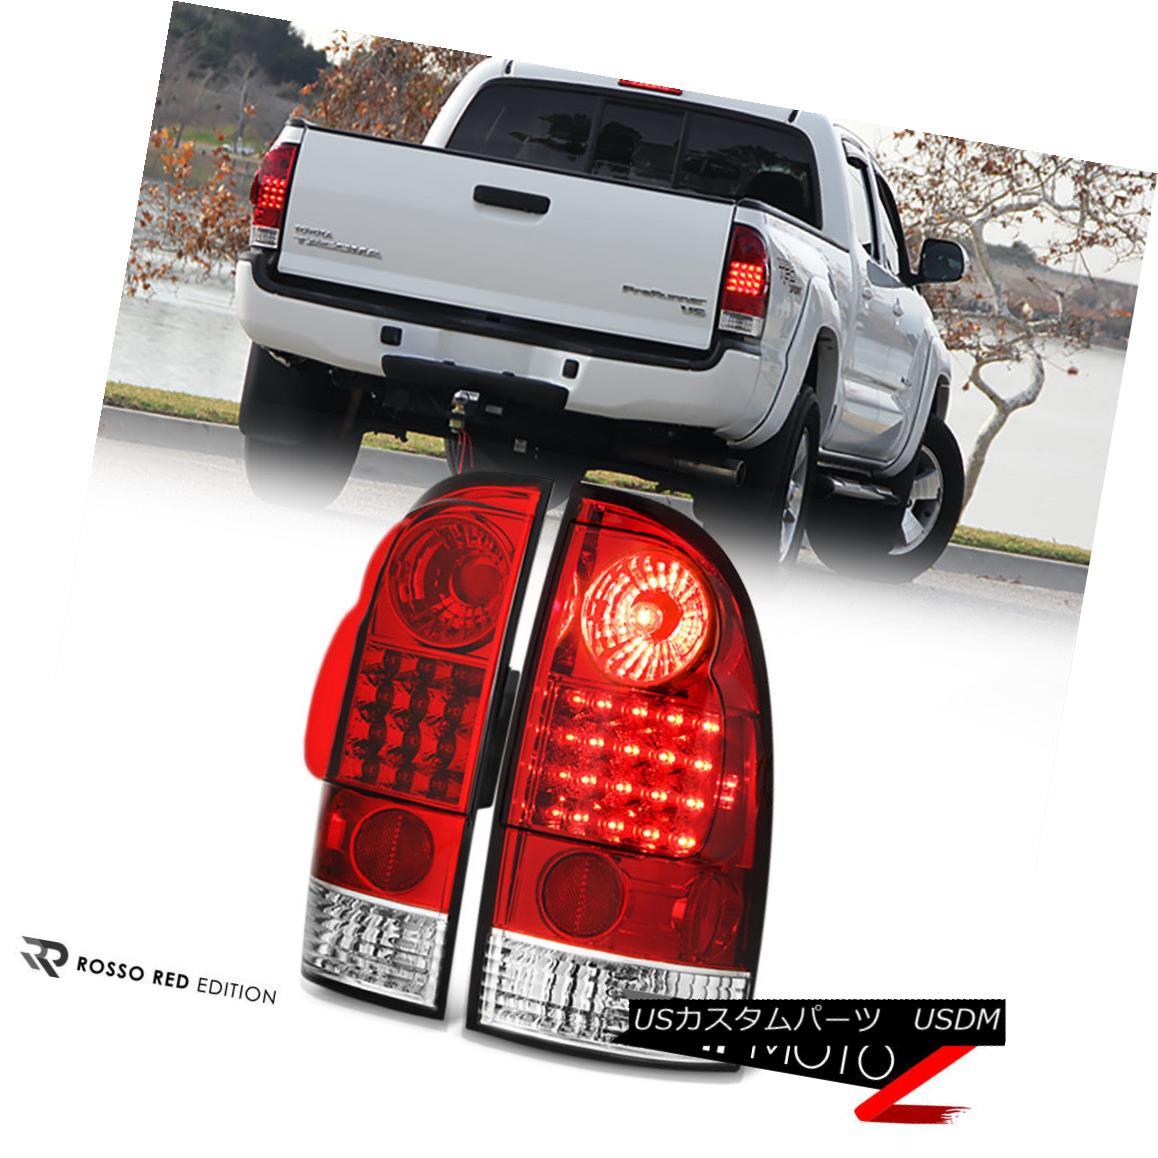 テールライト JDM Factory Style RED+CRYSTAL CLEAR Brake Signal Tail Light 05-15 Toyota Tacoma JDMファクトリースタイルRED + CRYSTAL CLEARブレーキ信号テールライト05-15 Toyota Tacoma